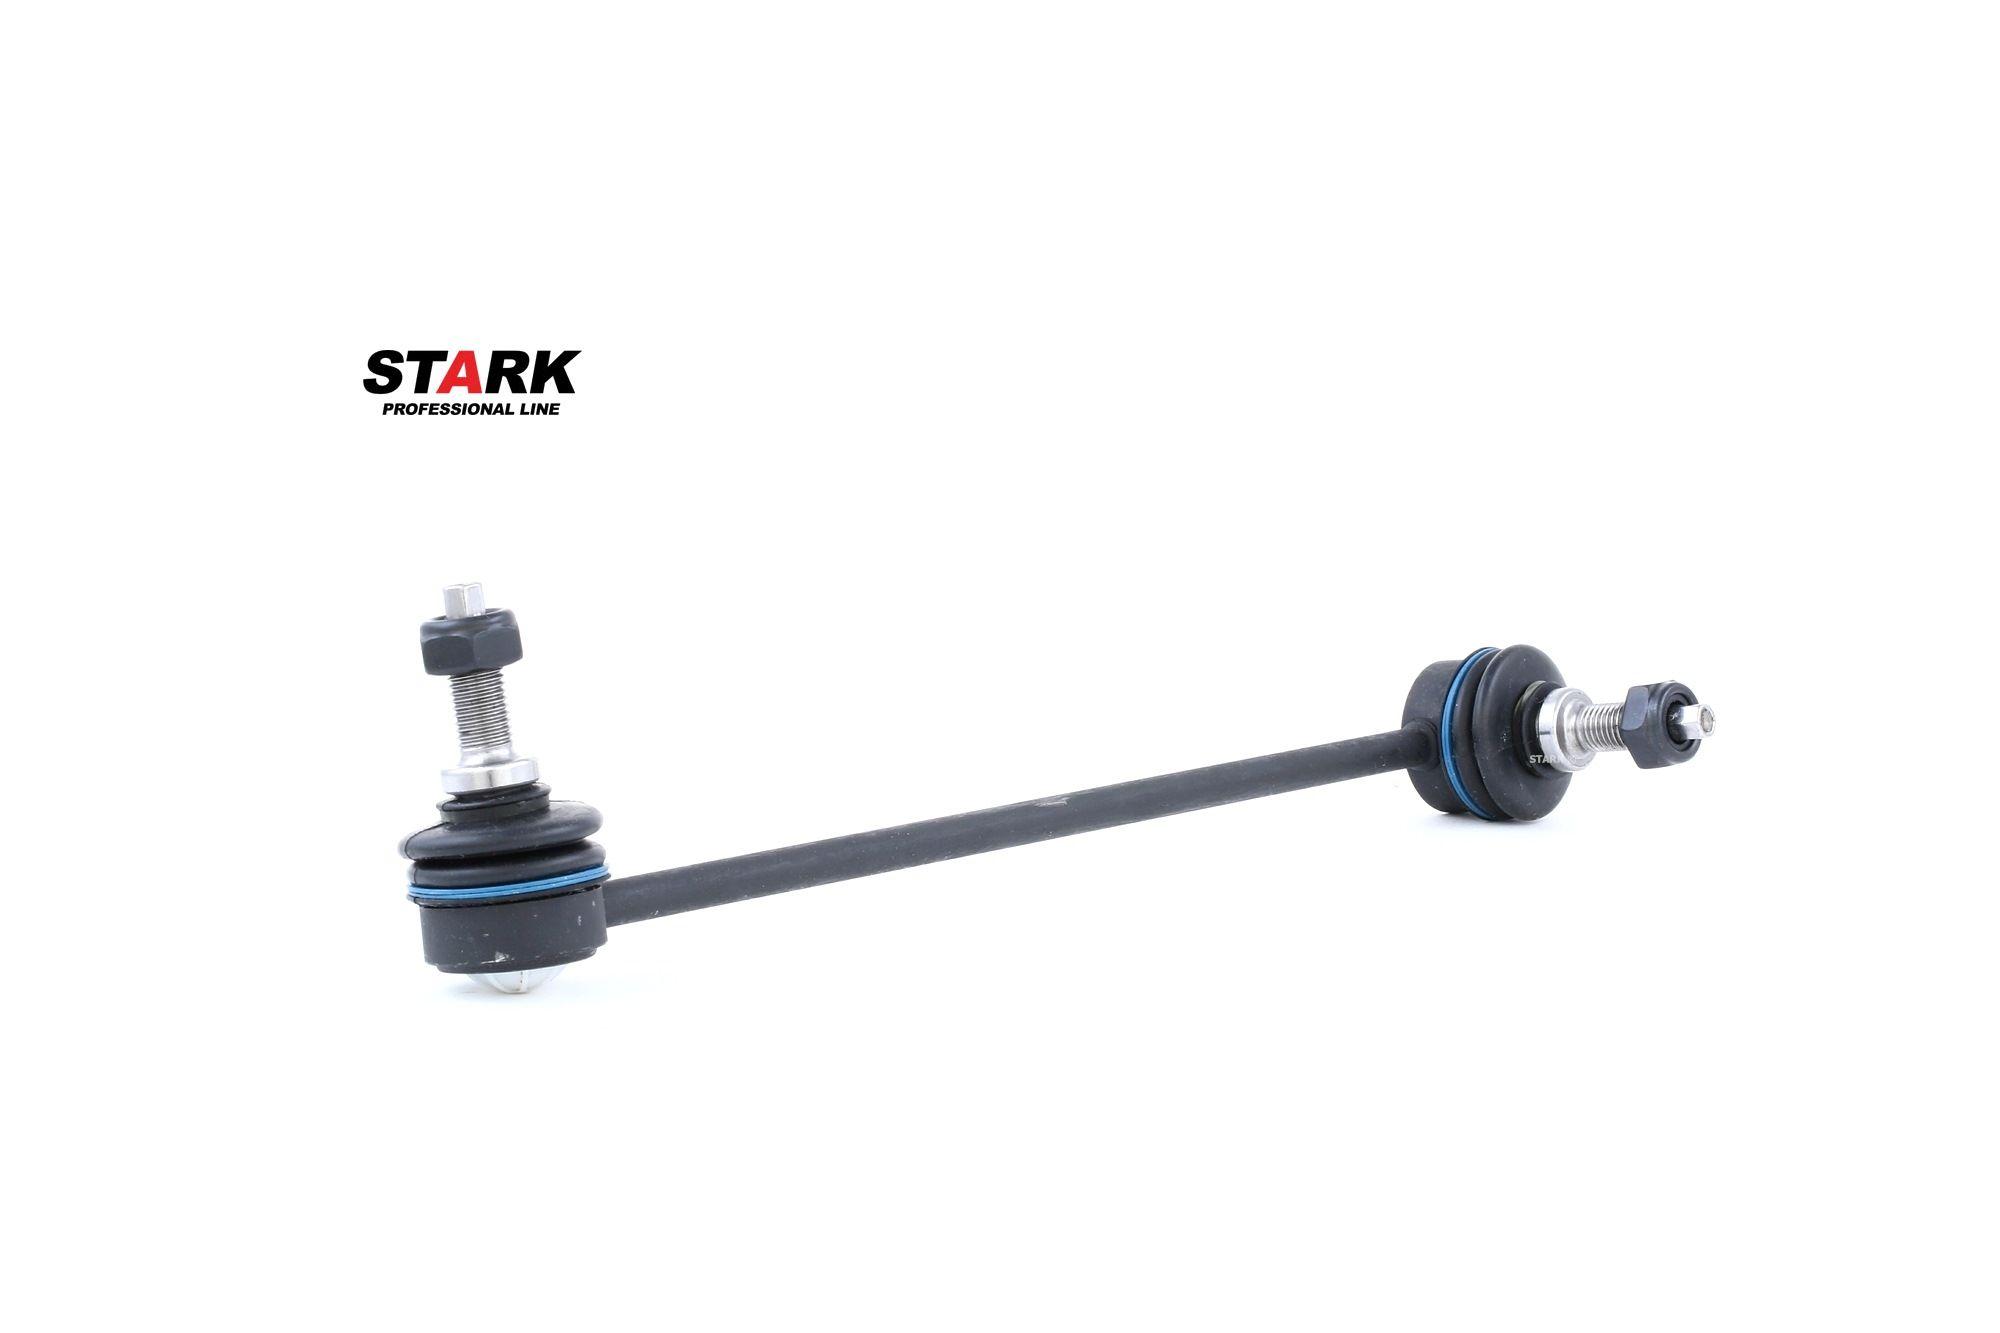 Pendelstütze STARK SKST-0230035 Bewertung